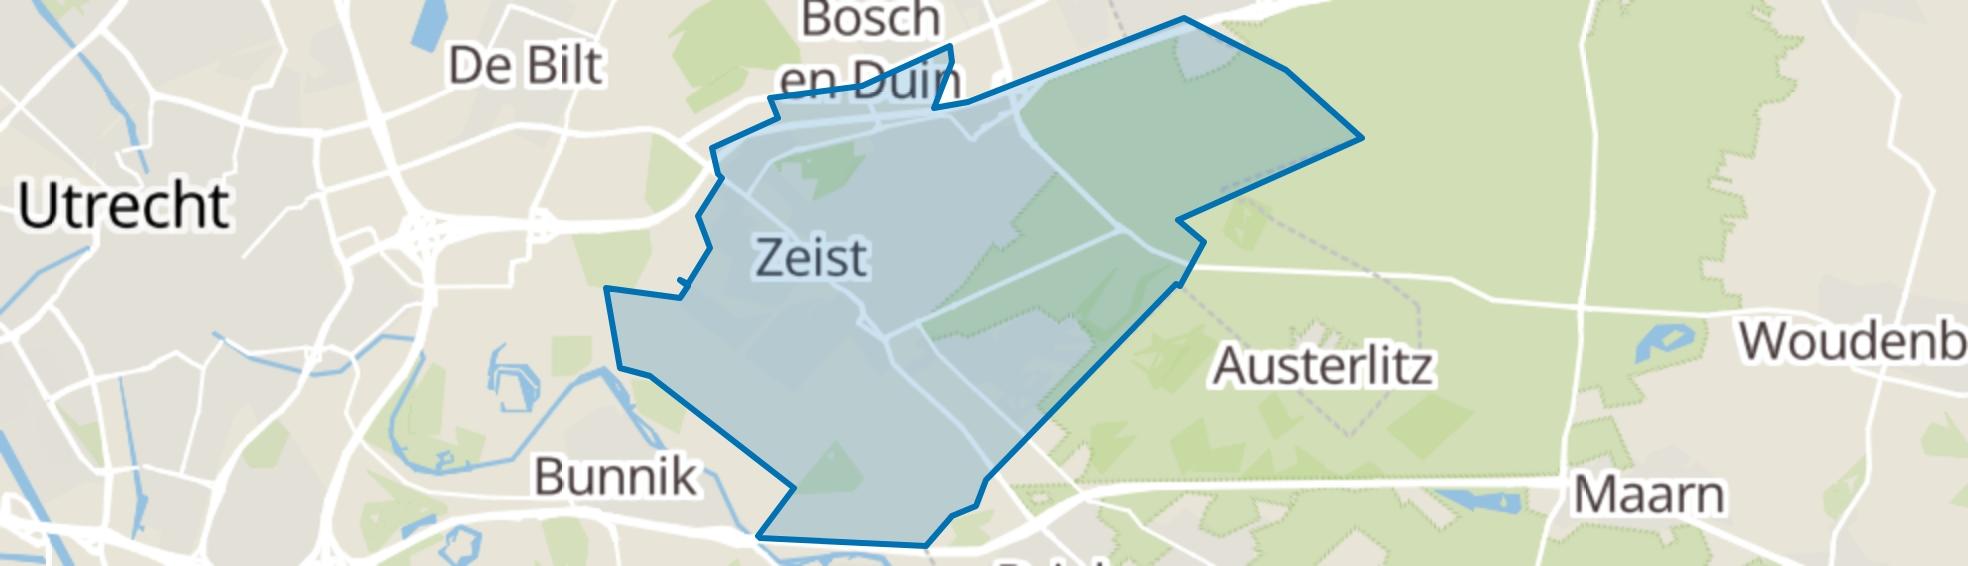 Zeist map